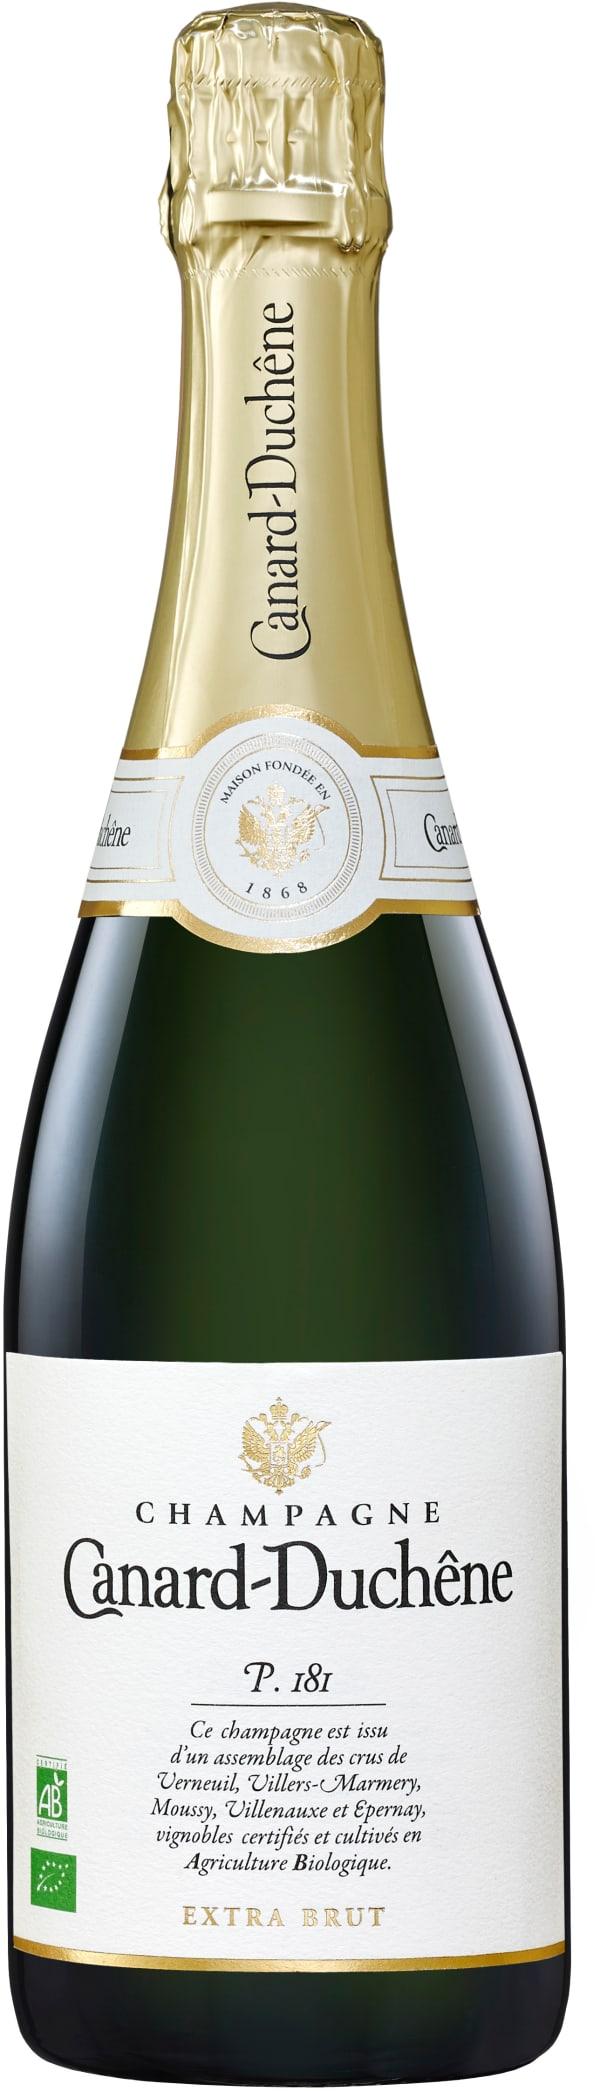 Canard-Duchêne P. 181 Champagne Extra Brut